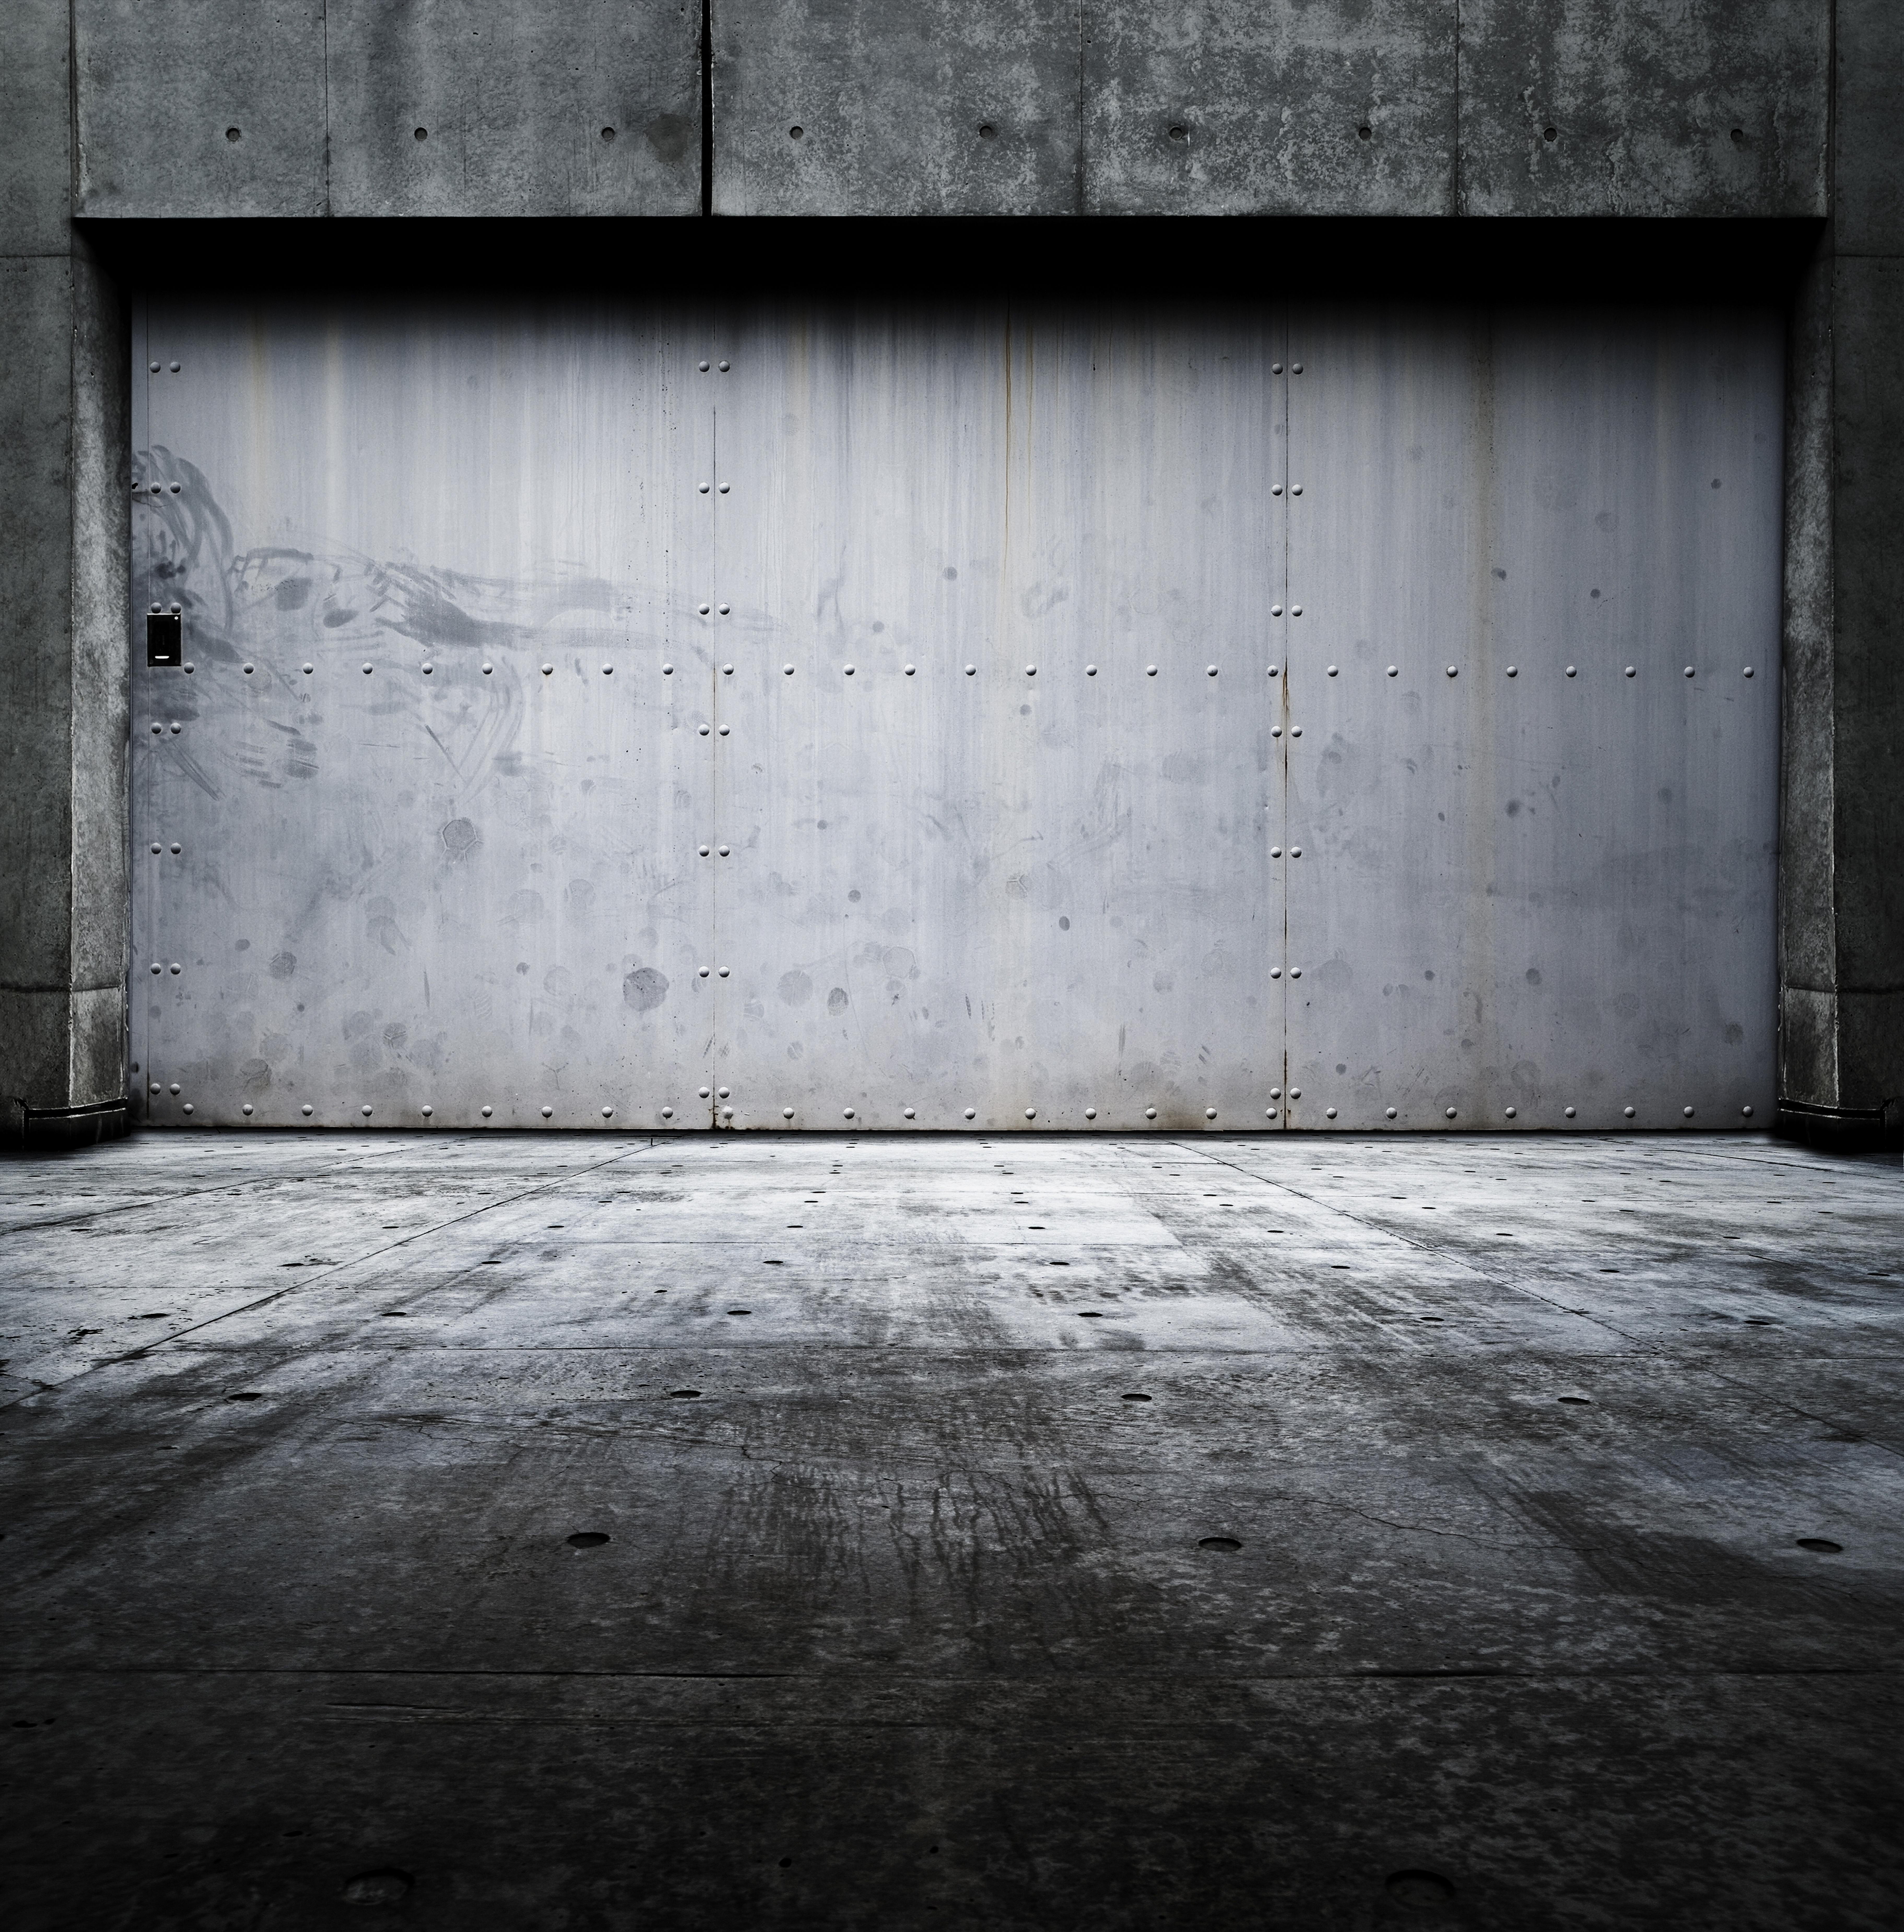 Garagem Velho Parede Edif 237 Cio Background Arquitetura